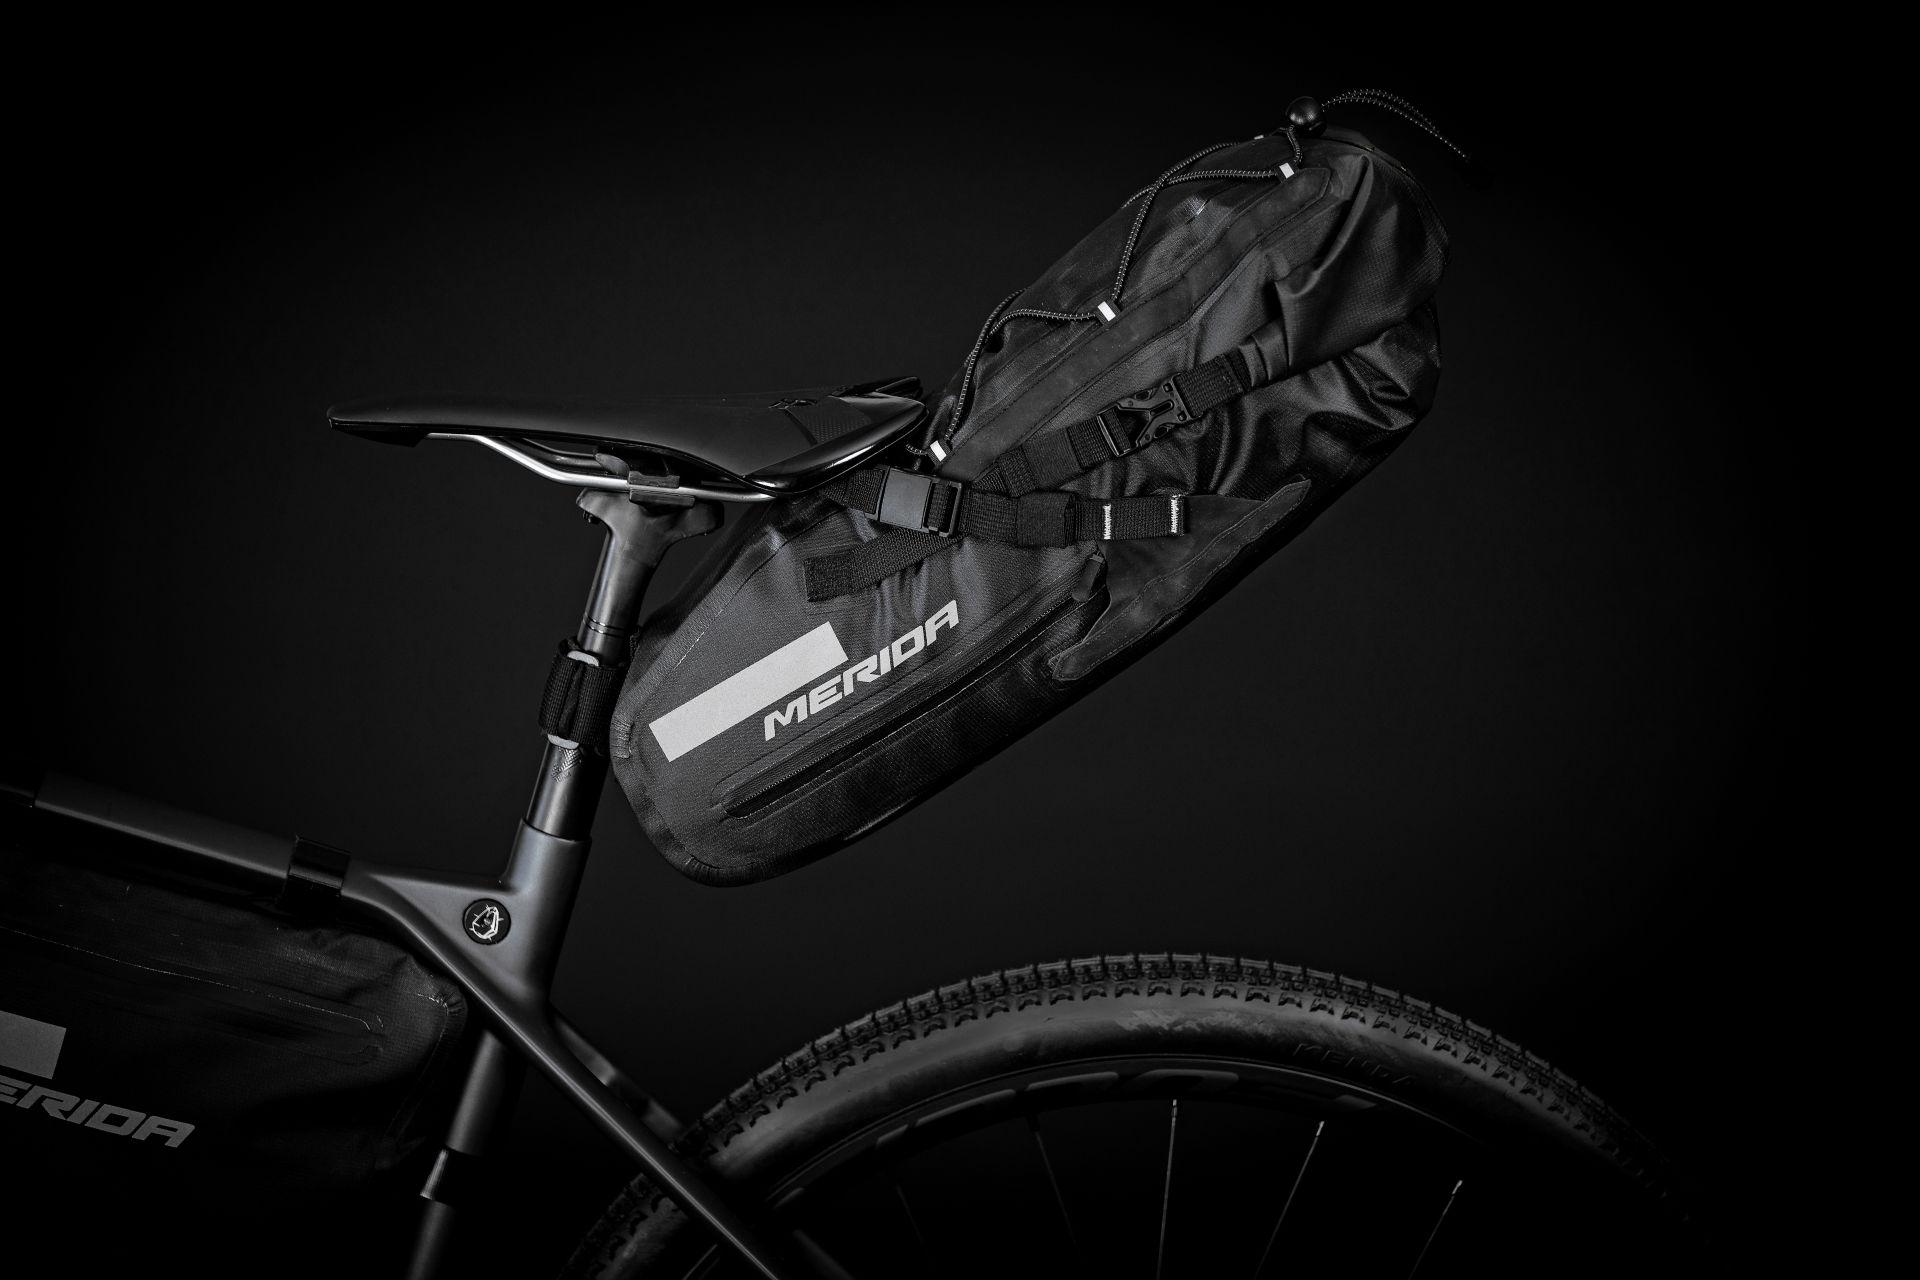 torba podsiodłowa Merida, bikepacking, torba gravelowa, torba Silex,